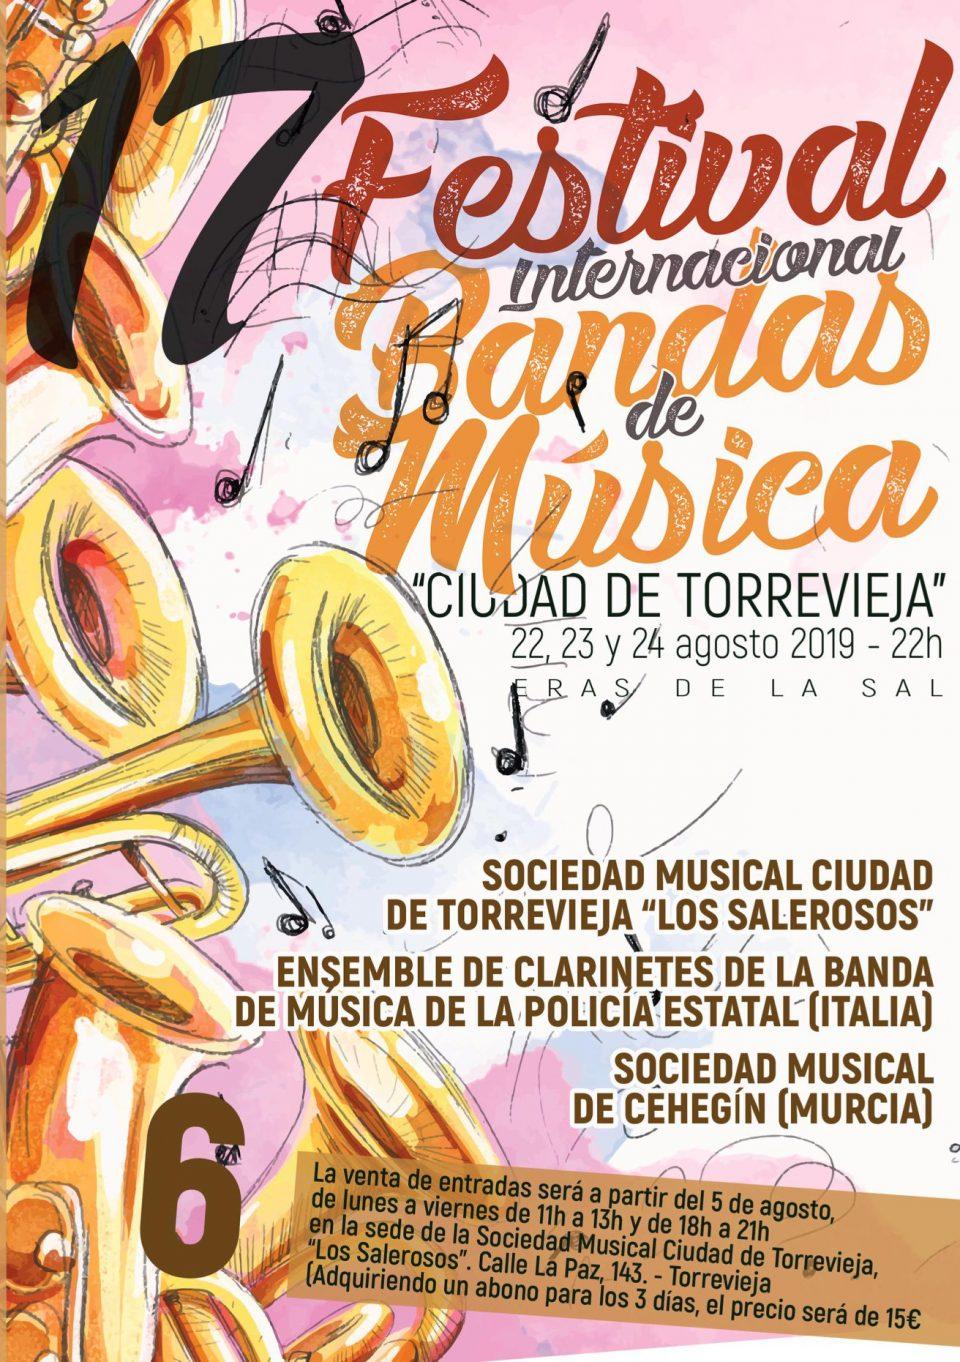 El jueves arranca la décimo séptima edición del Festival Internacional de Bandas 6